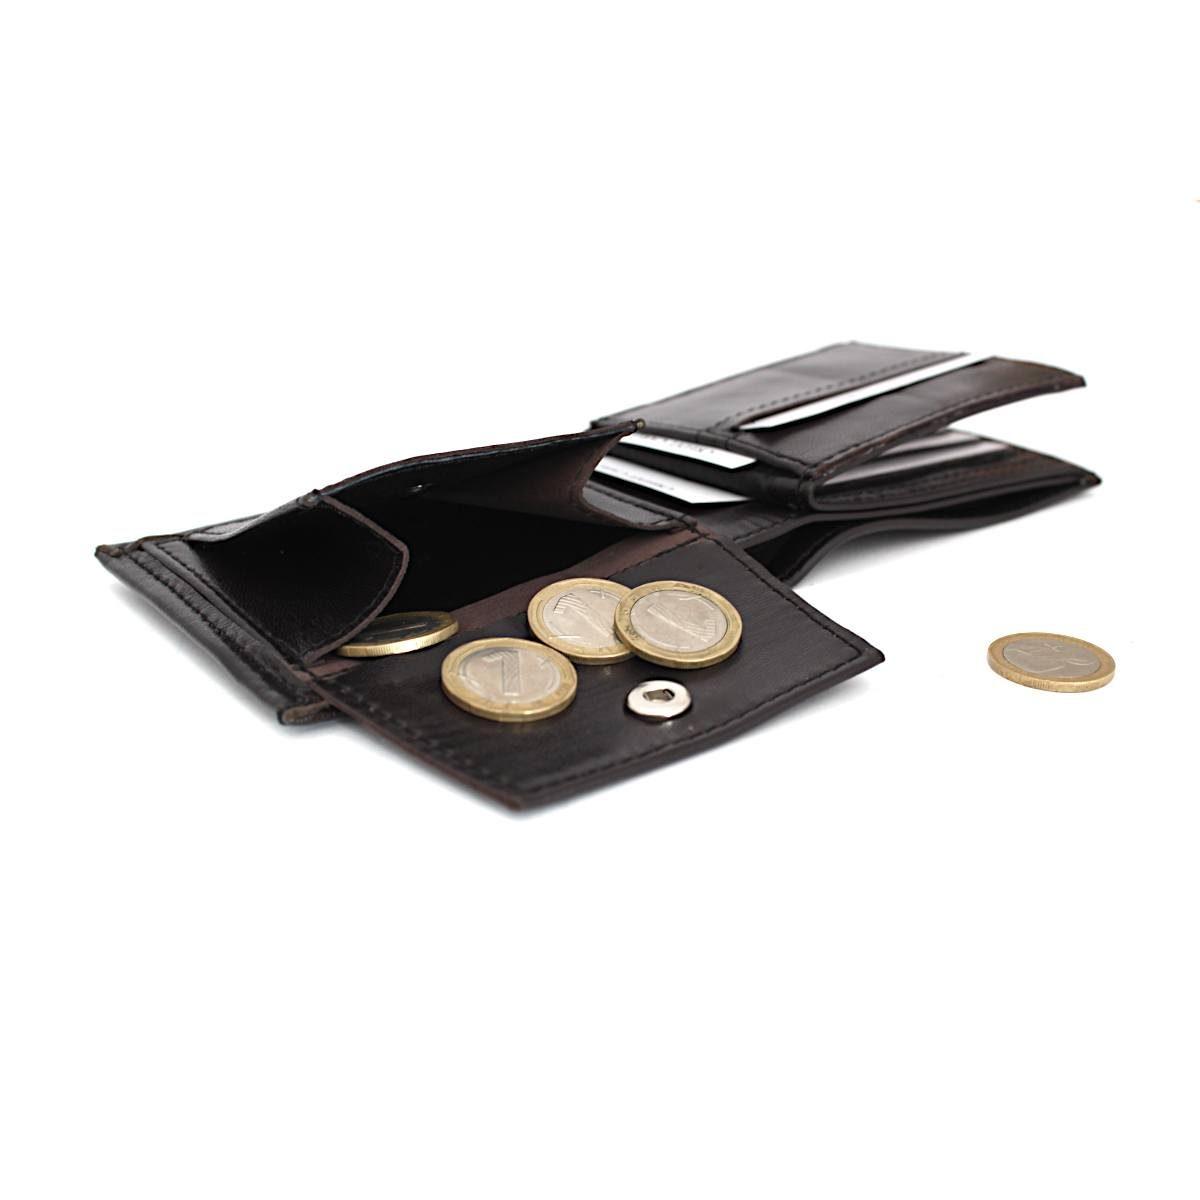 Ръчно изработен тъмнокафяв мъжки кожен портфейл монетник